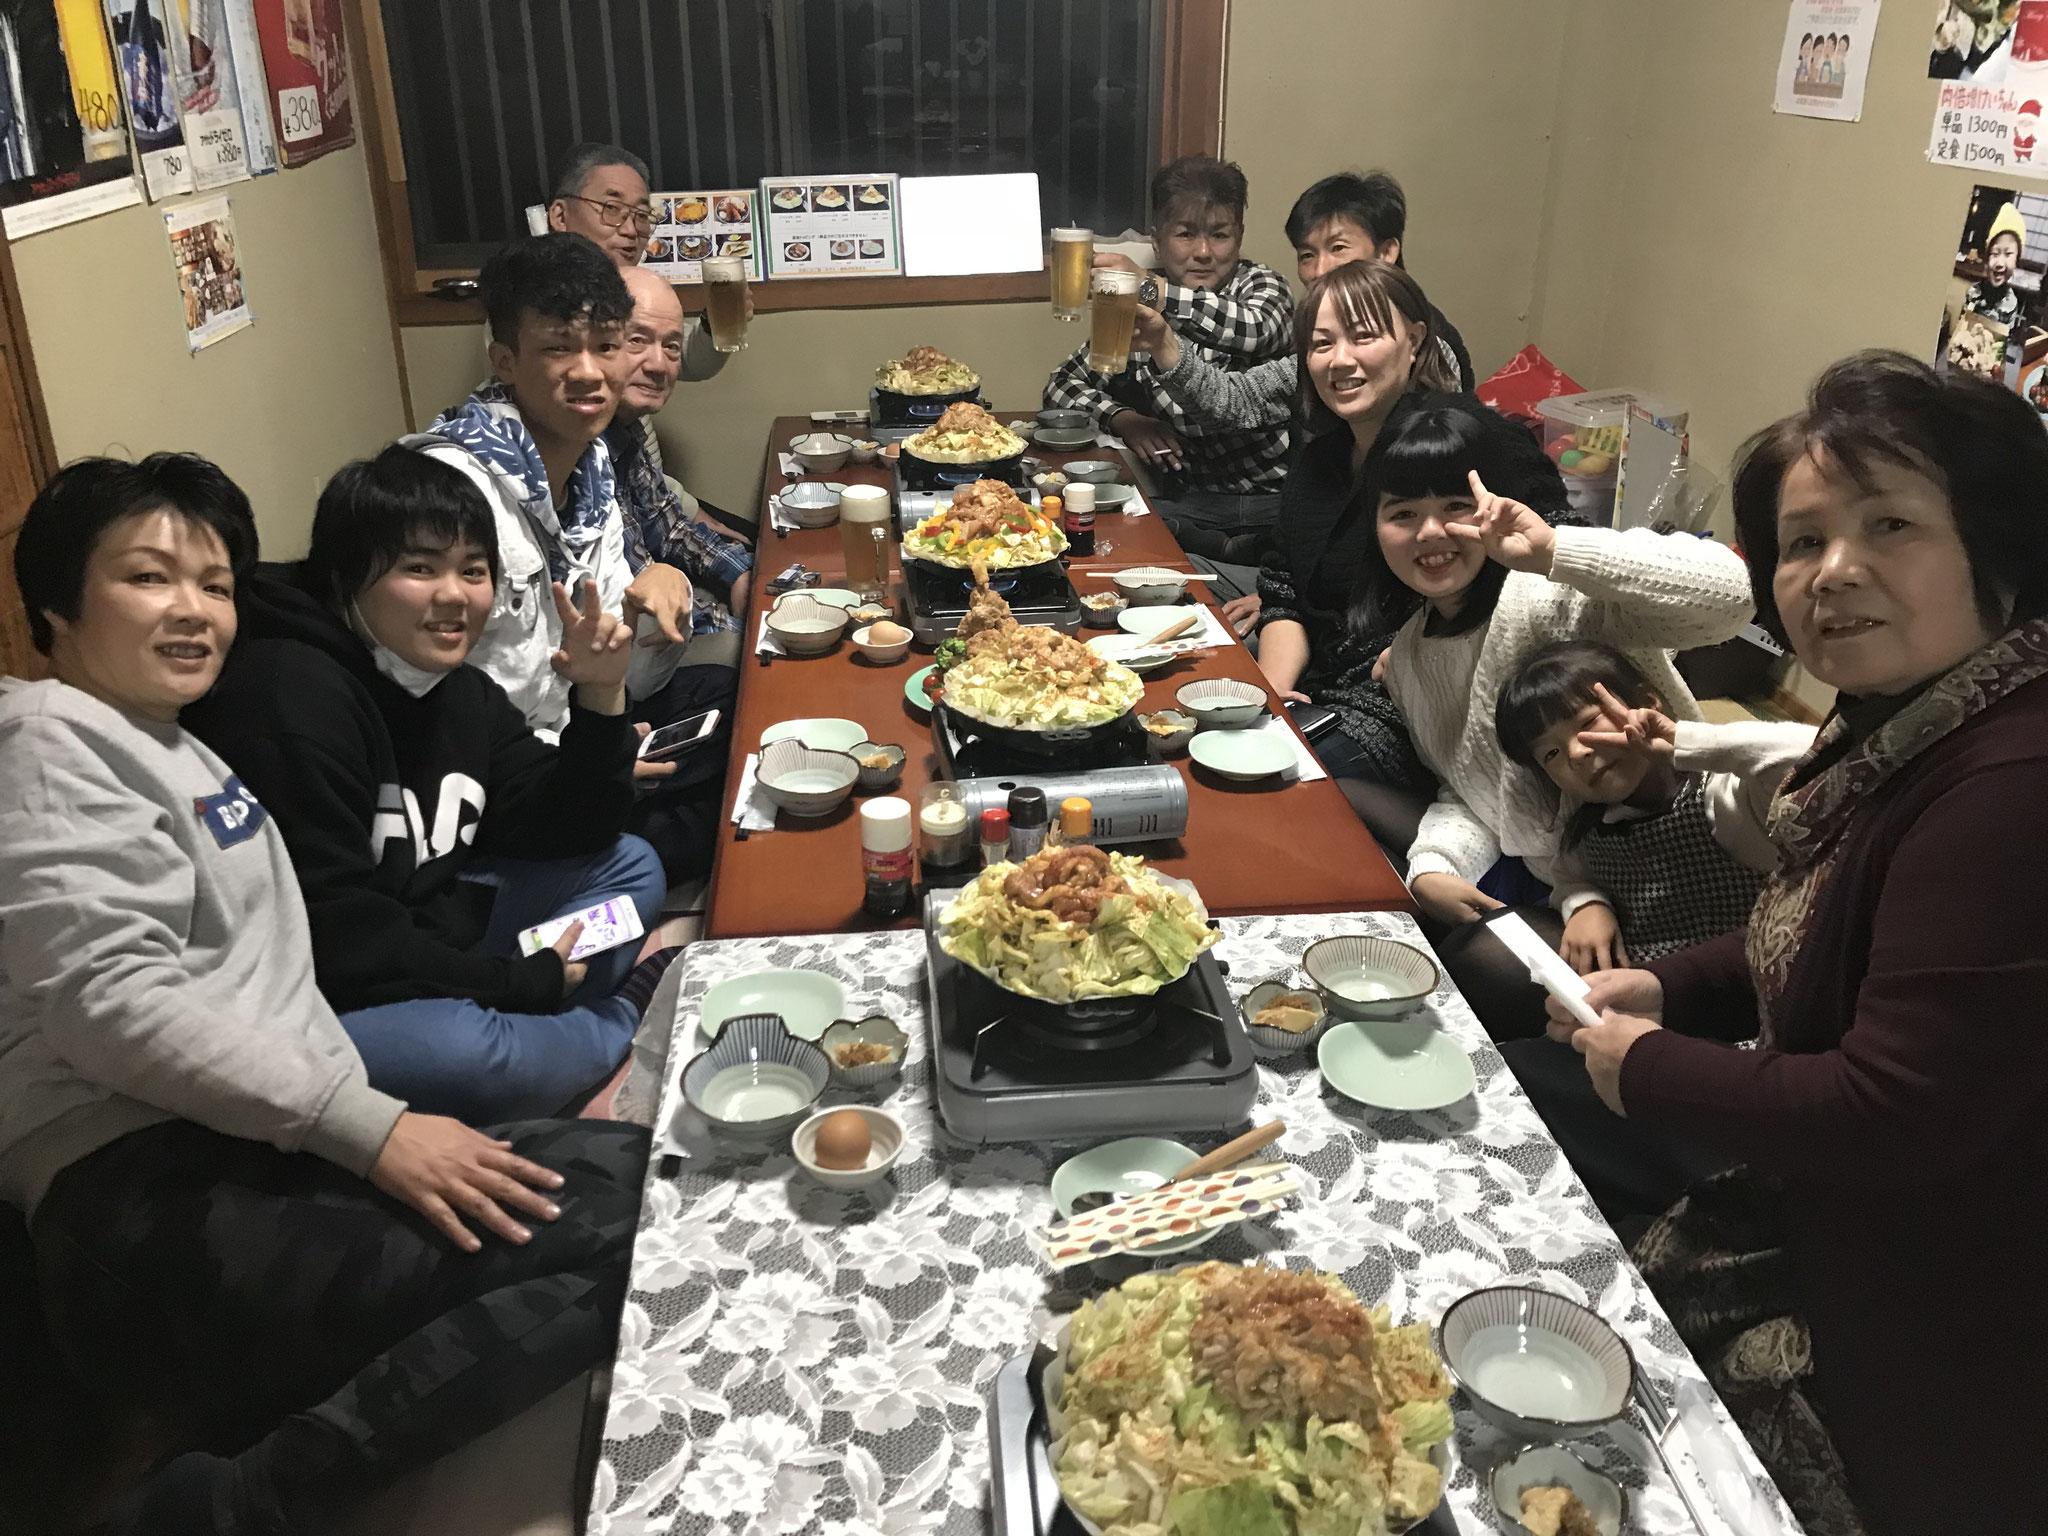 ご家族とお友達ご家族と楽しいお食事、飲み会もしていただいております。